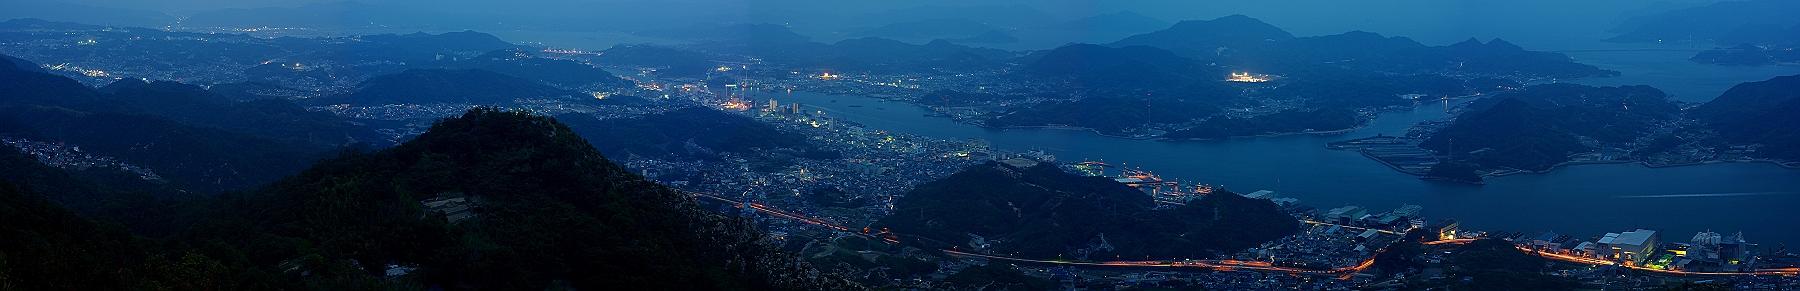 鳴滝山の夕暮れをパノラマで_c0152379_858375.jpg